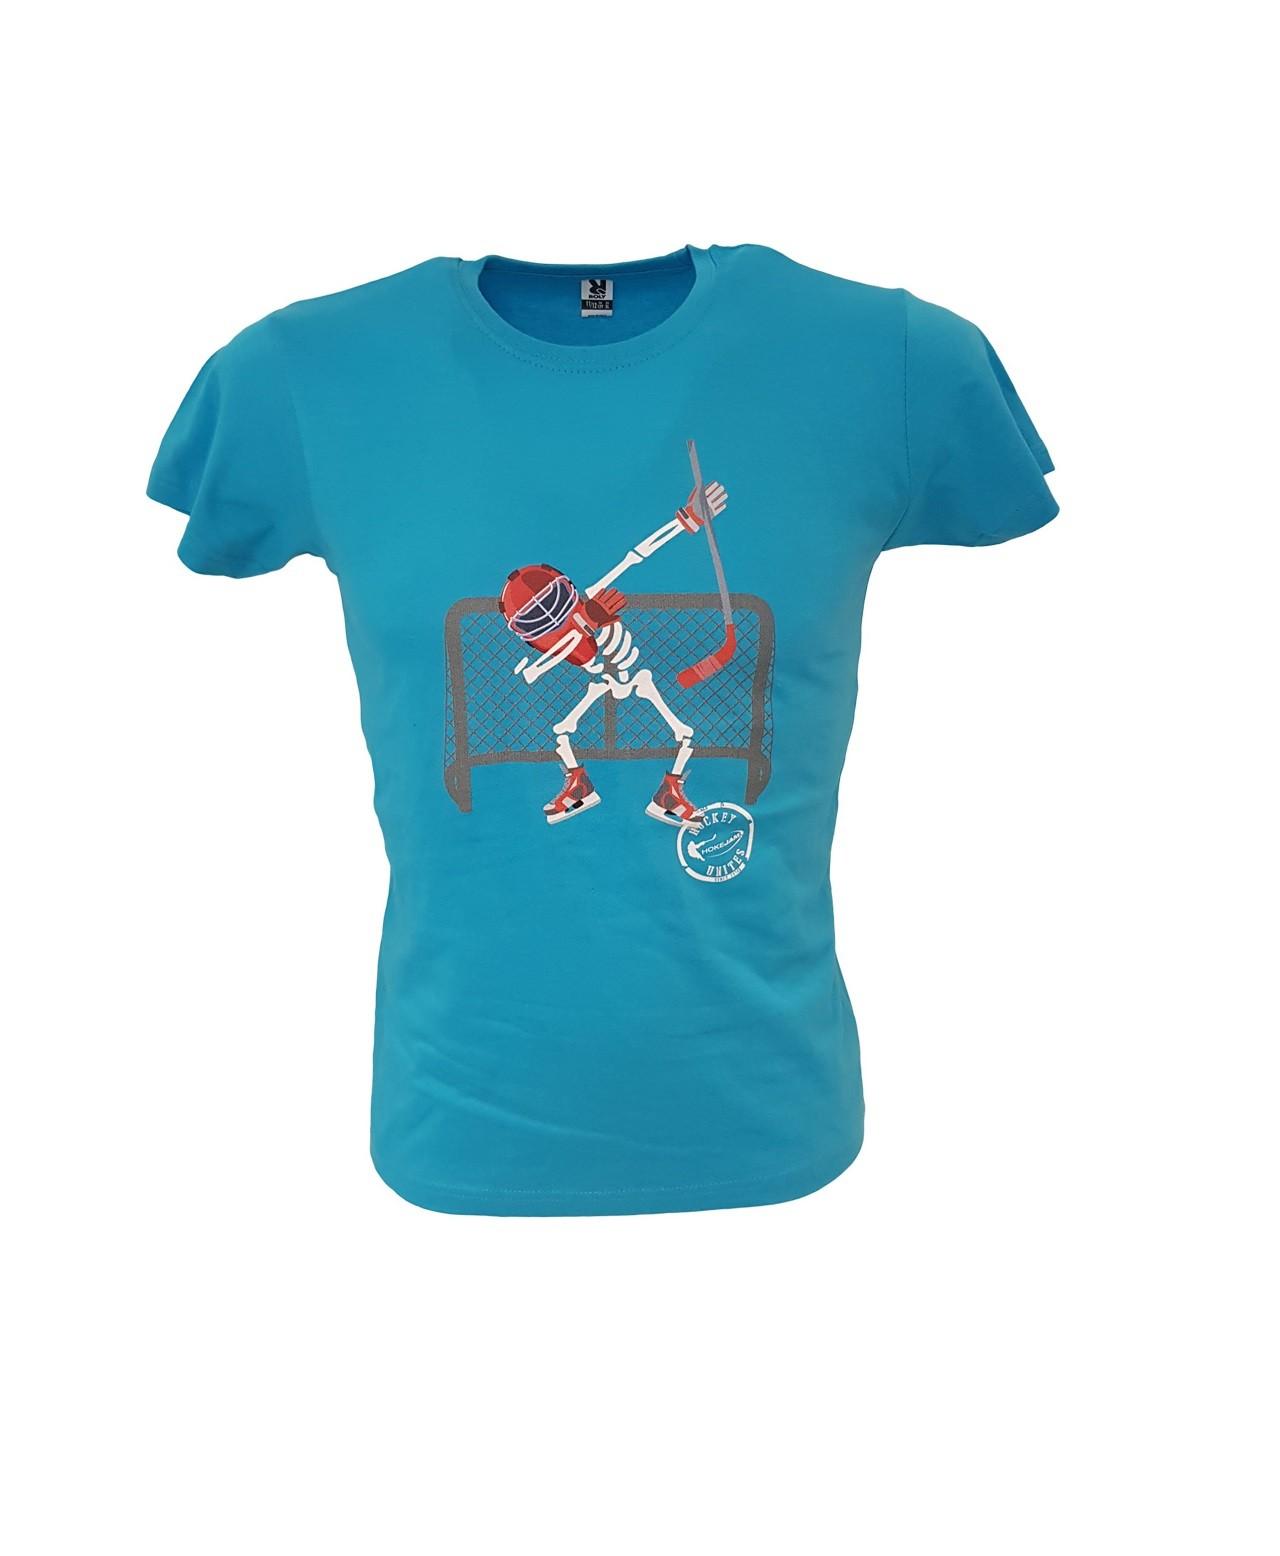 HOKEJAM.LV Skeleton Goalie Youth T-Shirt